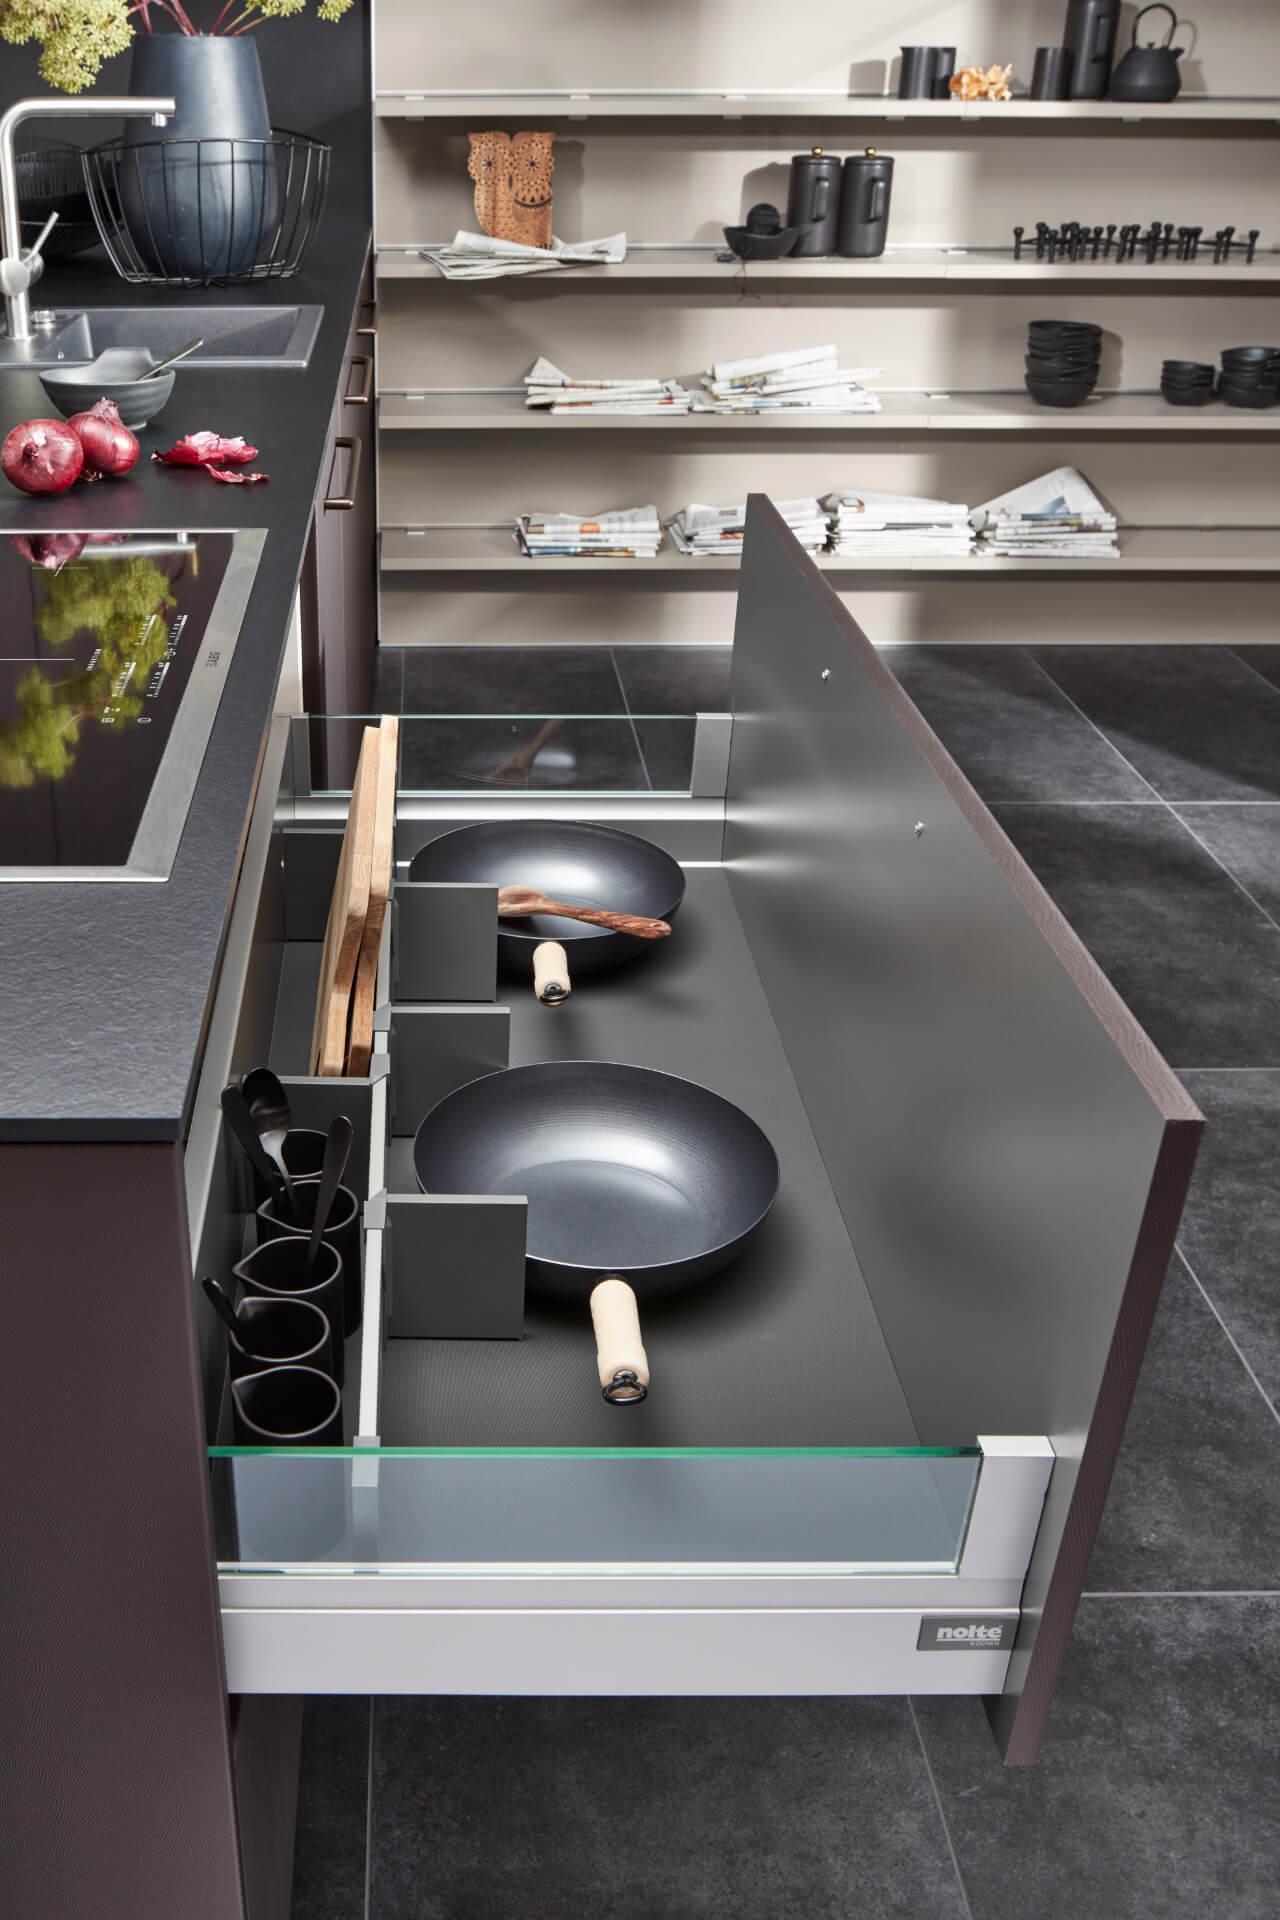 Nolte Tavola Glass Kitchen Drawer